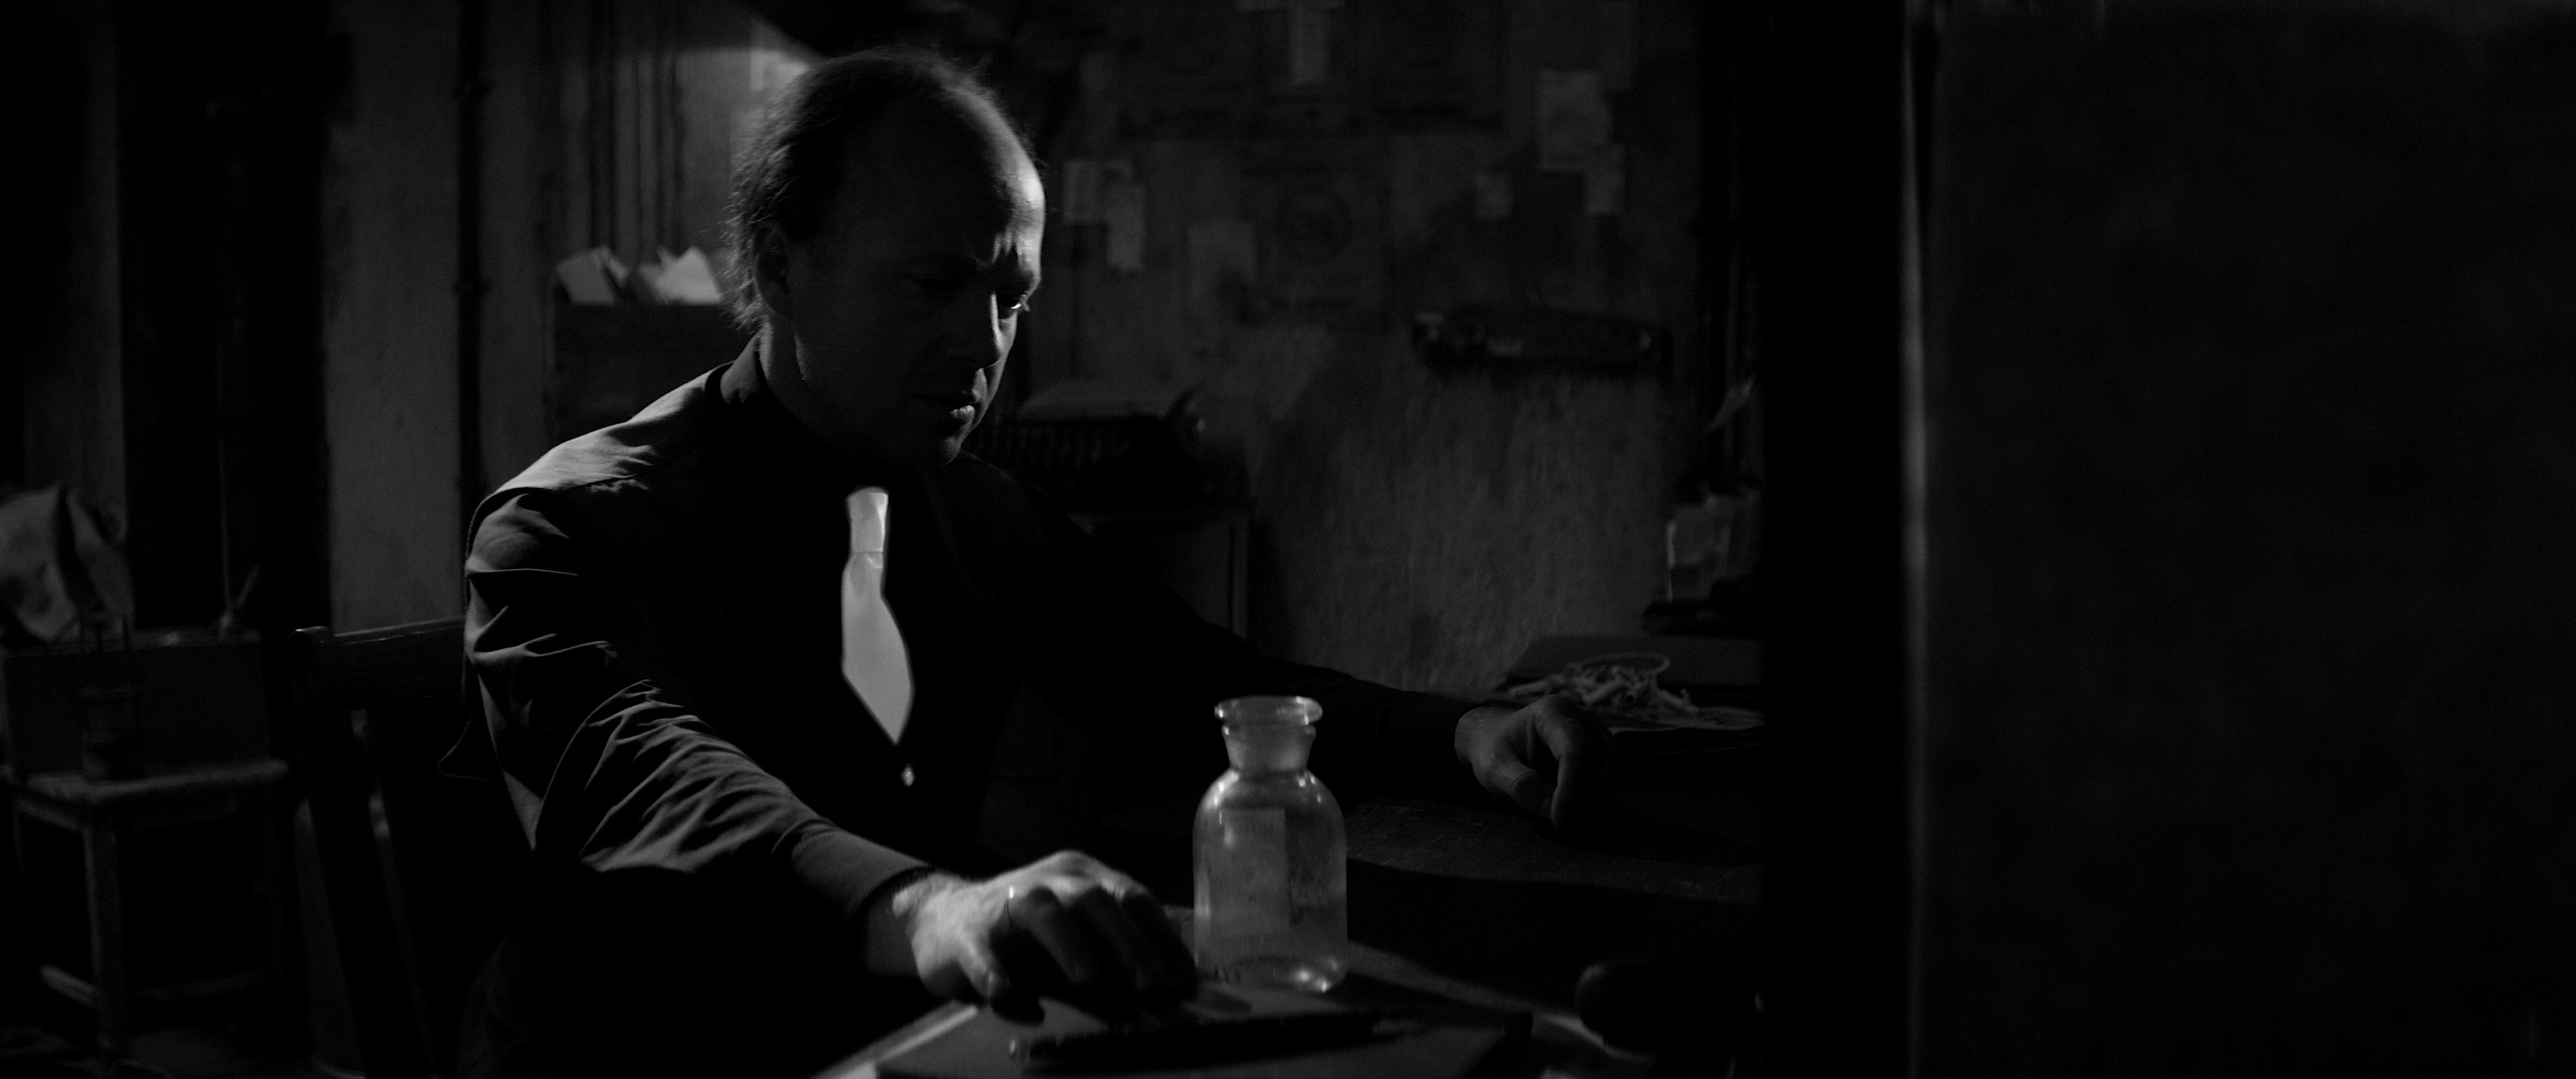 Beholder - Official Short Film screenshot